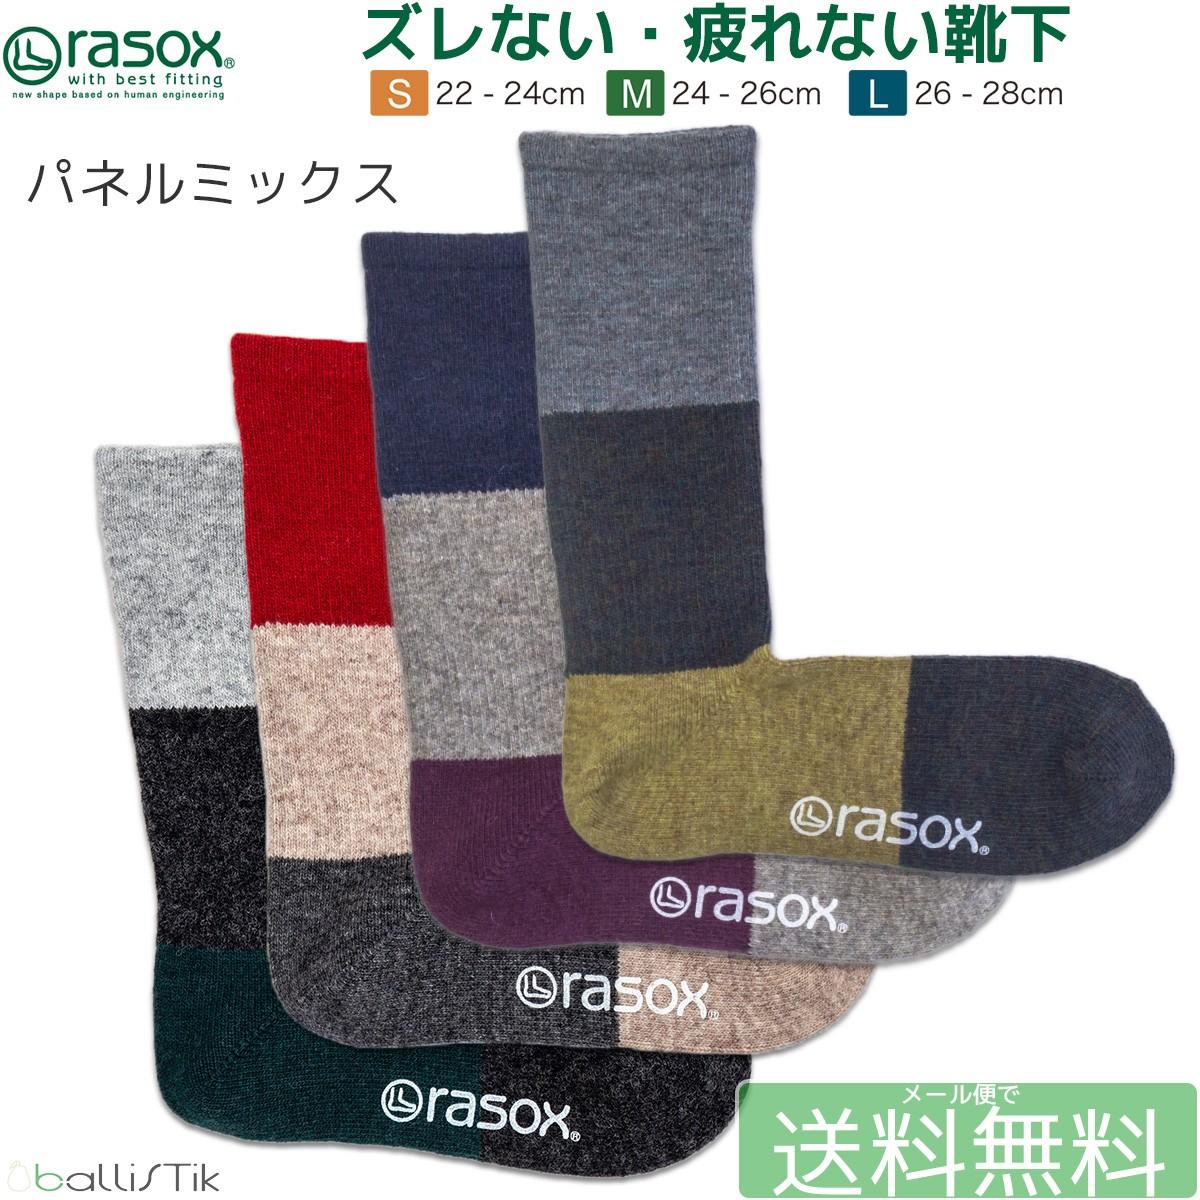 rasox/ラソックス/靴下/ウールソックス/クルーソックス/パネルミックス/メイン